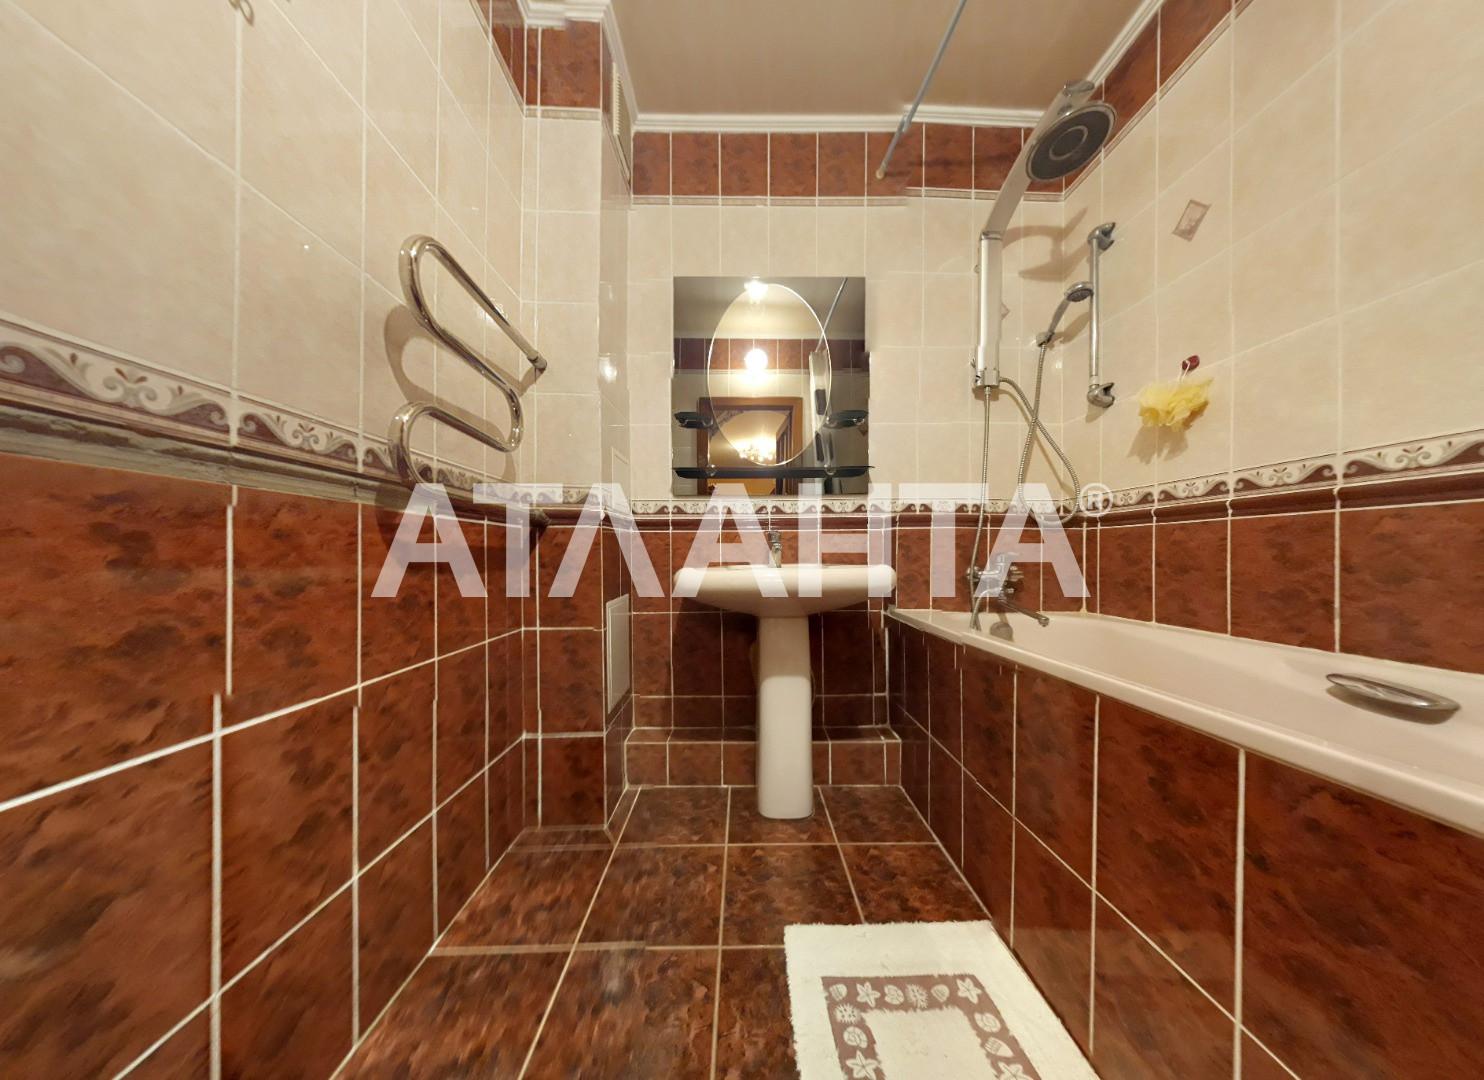 Продается 3-комнатная Квартира на ул. Ул. Вильямса — 90 000 у.е. (фото №21)